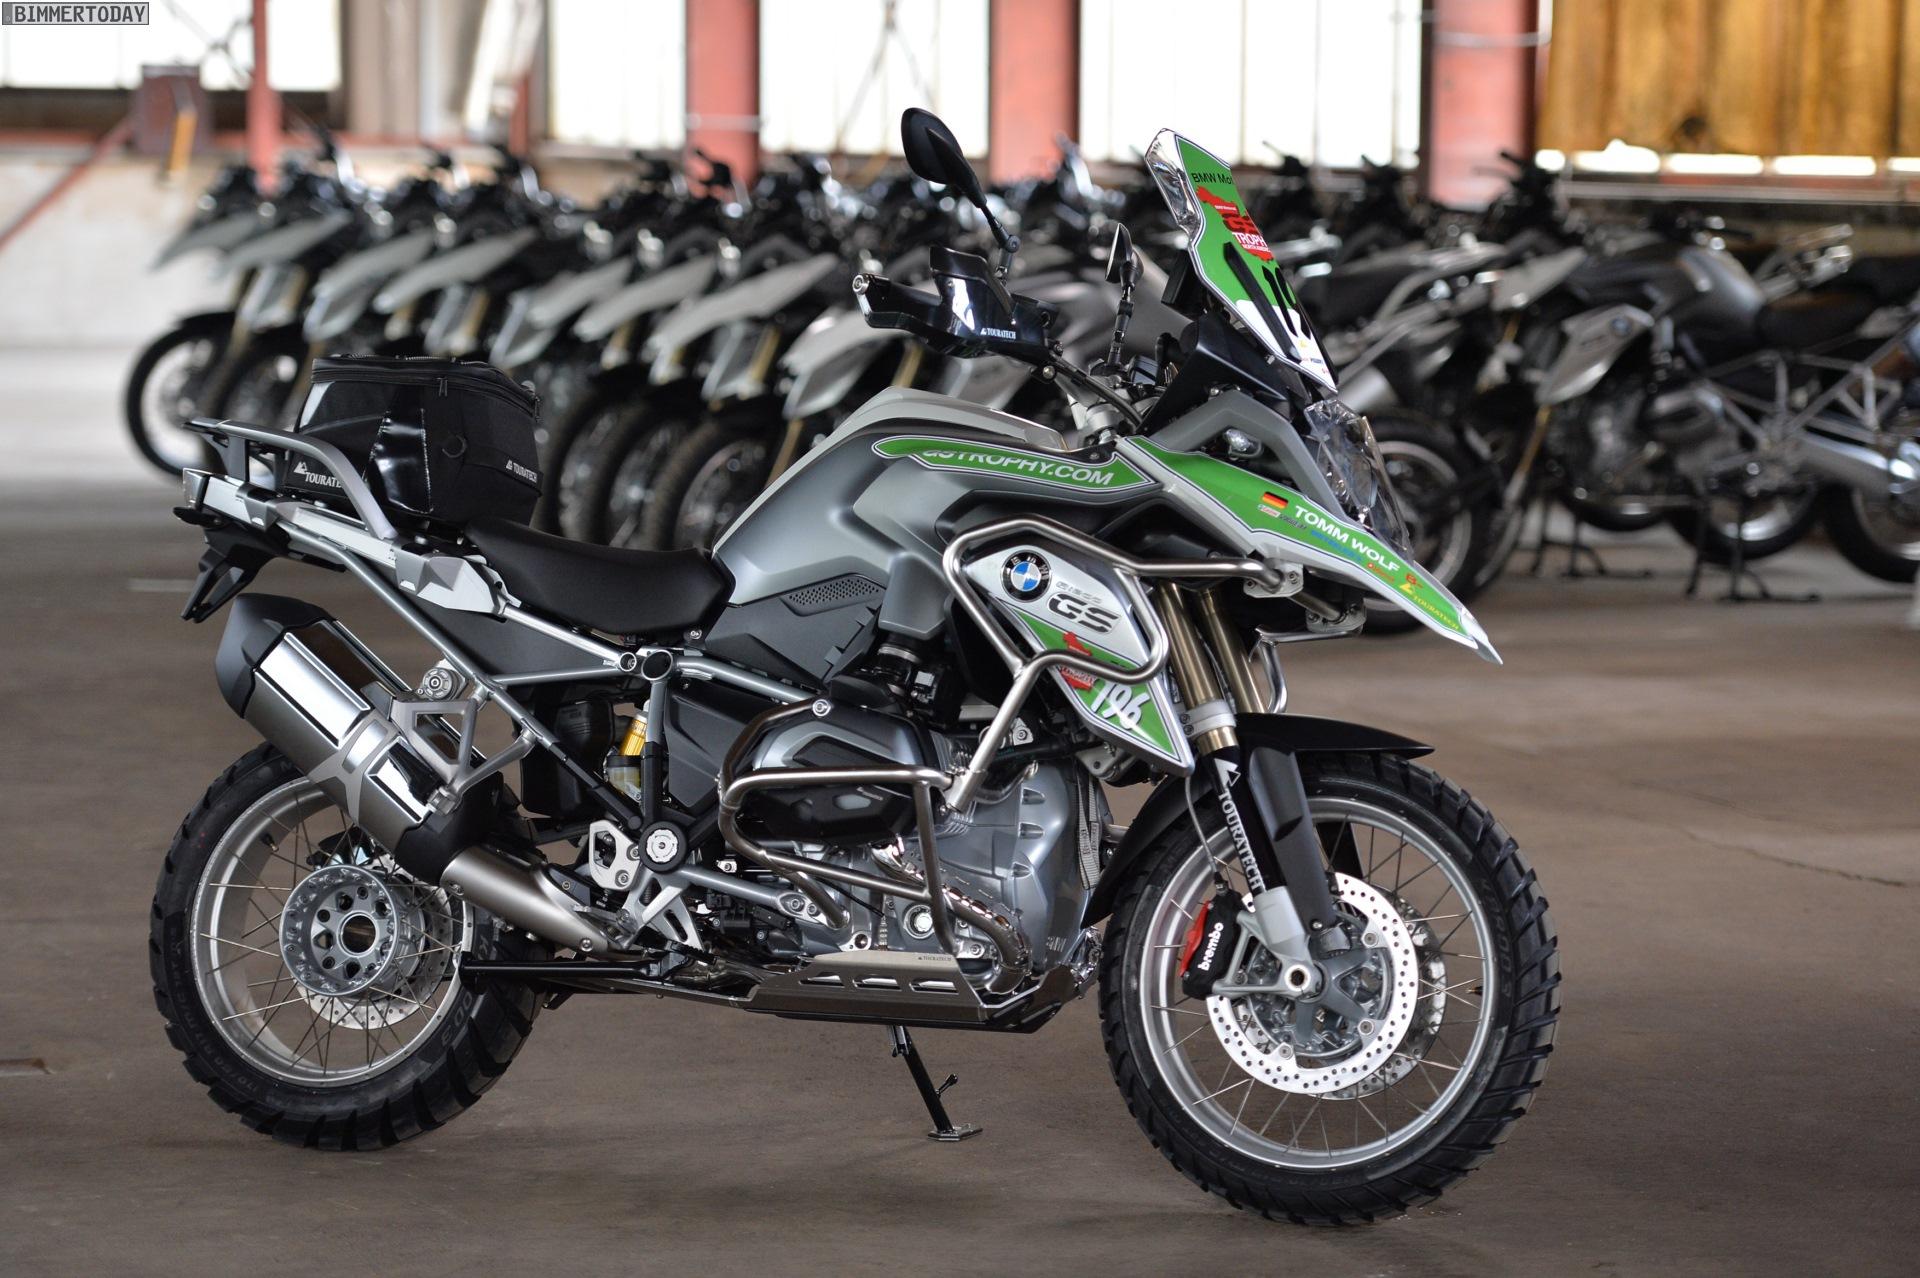 Bmw Motorrad Neue Absatz Rekorde F 252 R M 228 Rz Und Q1 2016